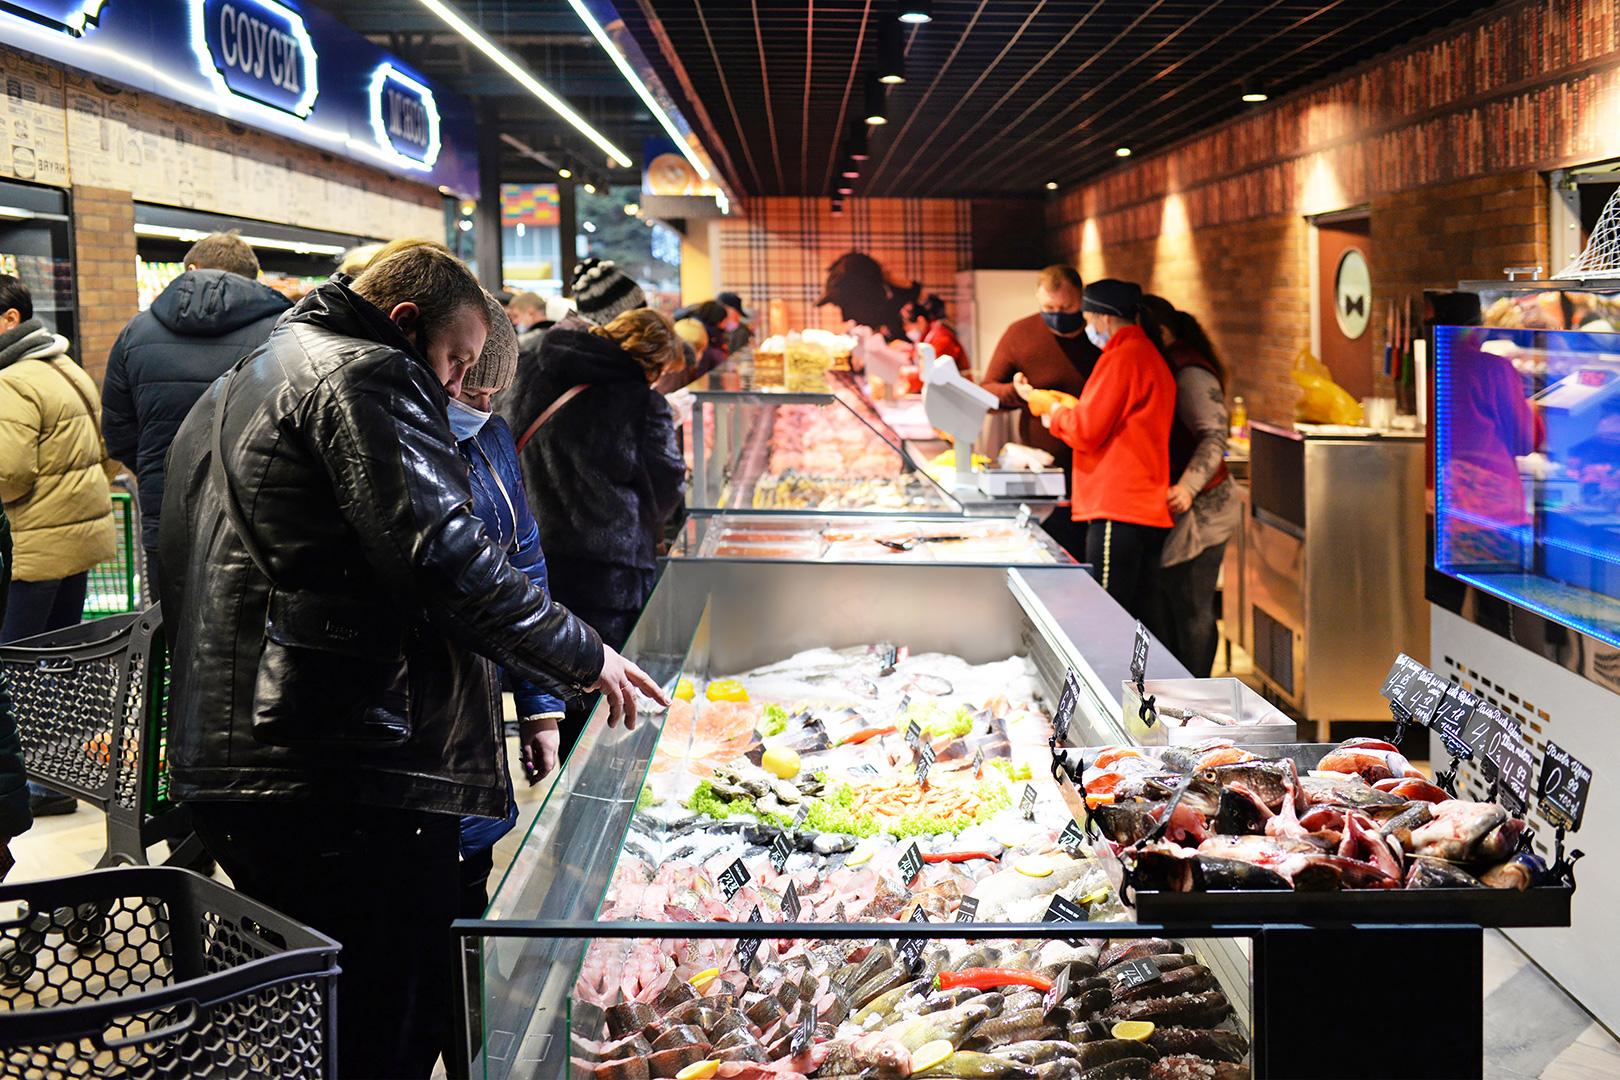 Специализированные витрины для продажи рыбы и морепродуктов Missouri MC 120 fish self 086-SLA, Missouri MC 120 ice self 086-SLM, витрины Missouri MC 120 deli PS 130-DBM